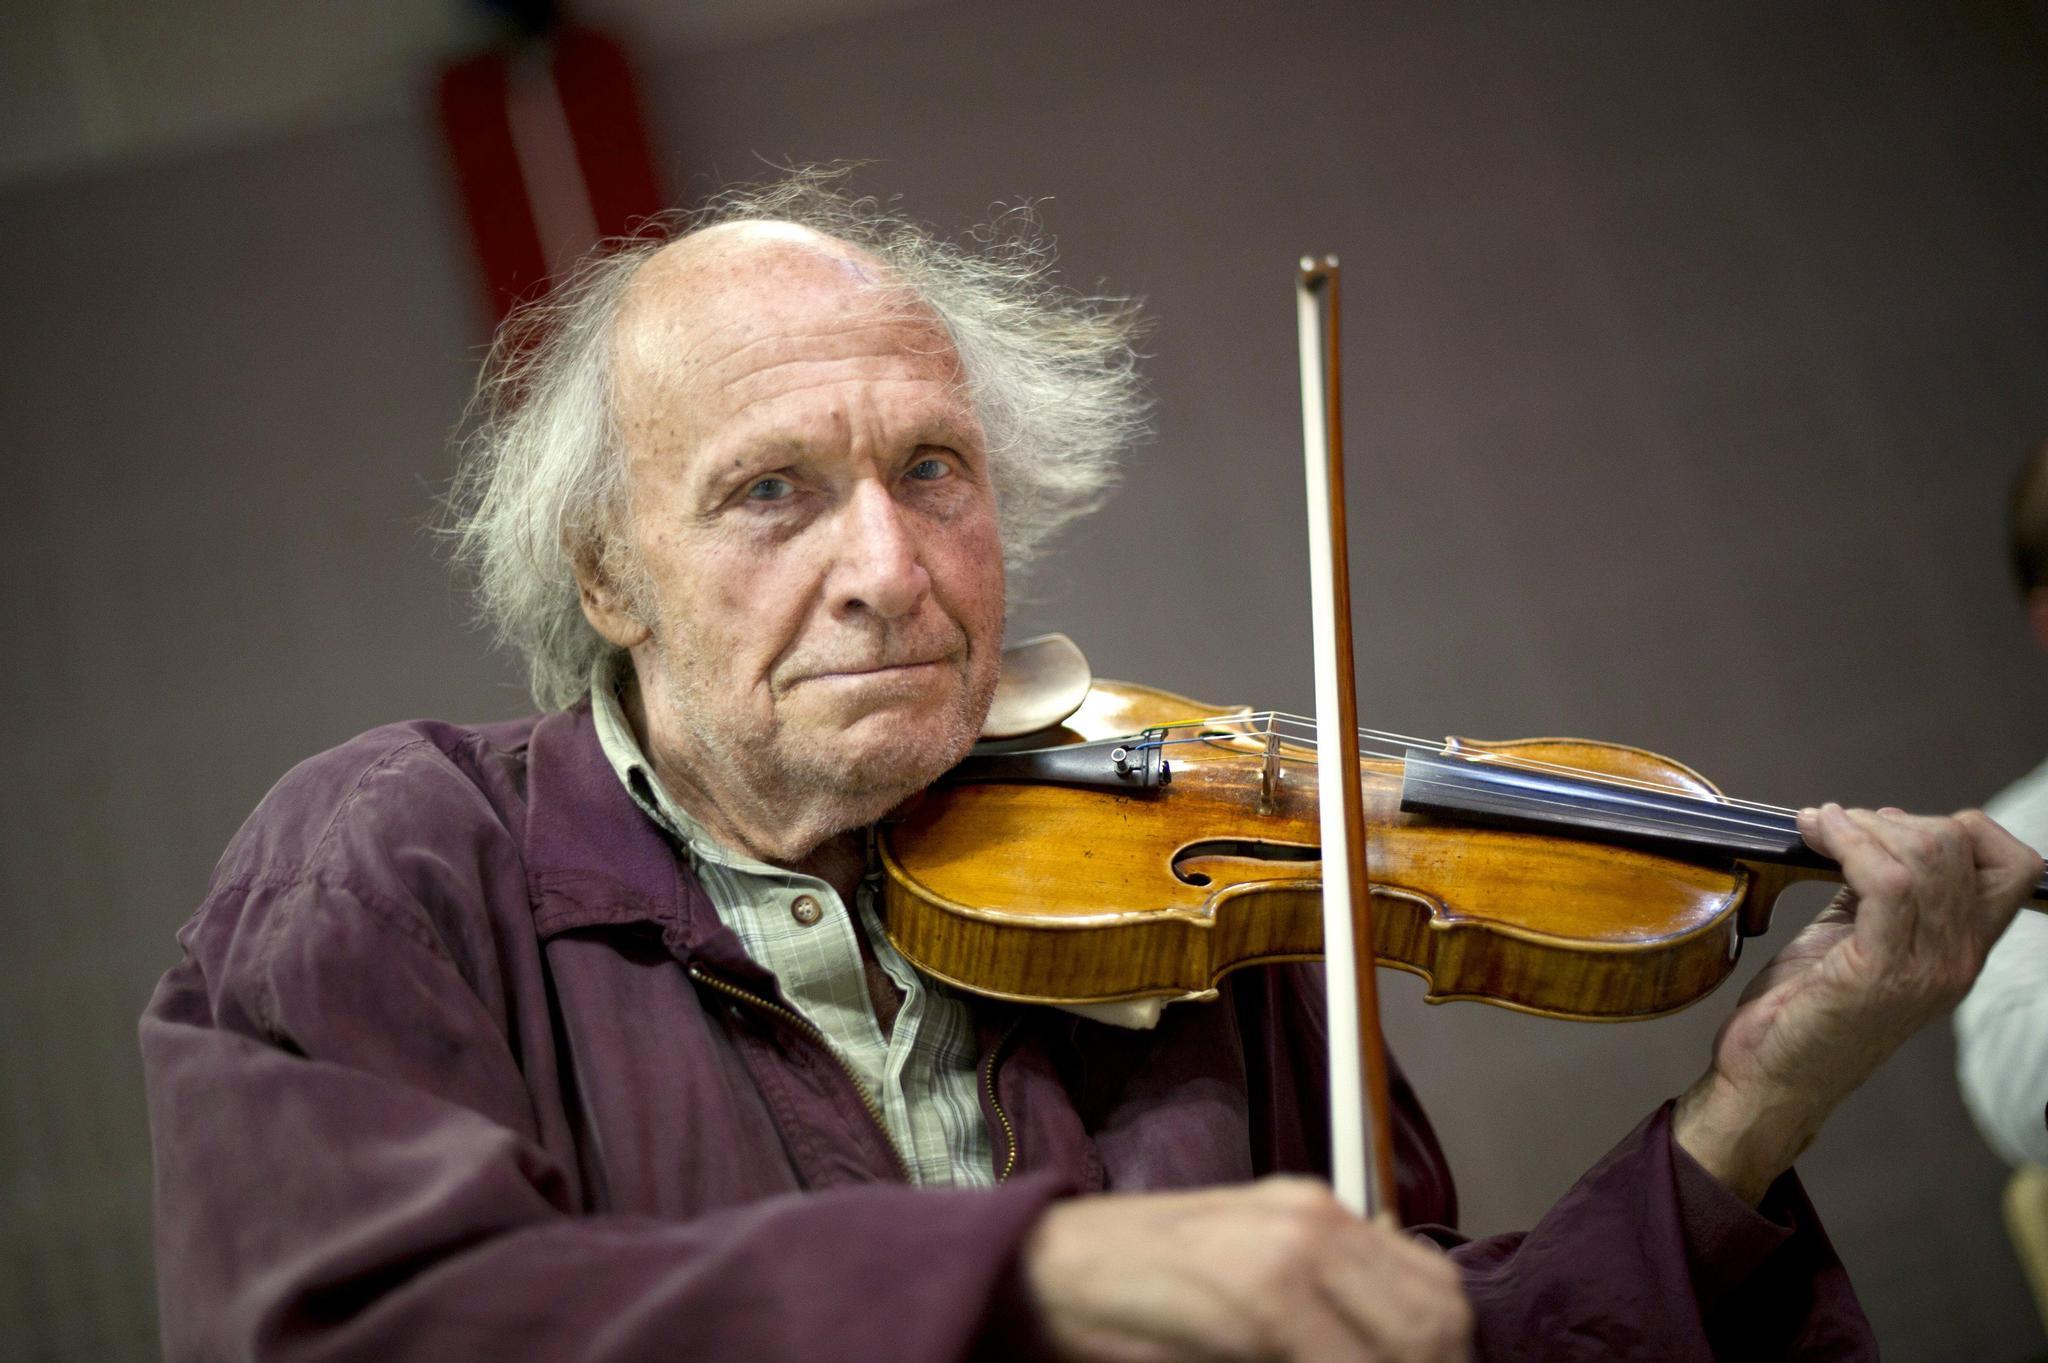 Carnet Noir Ivry Gitlis Musicien Virtuose Et Eclectique N Est Plus Tribune De Geneve